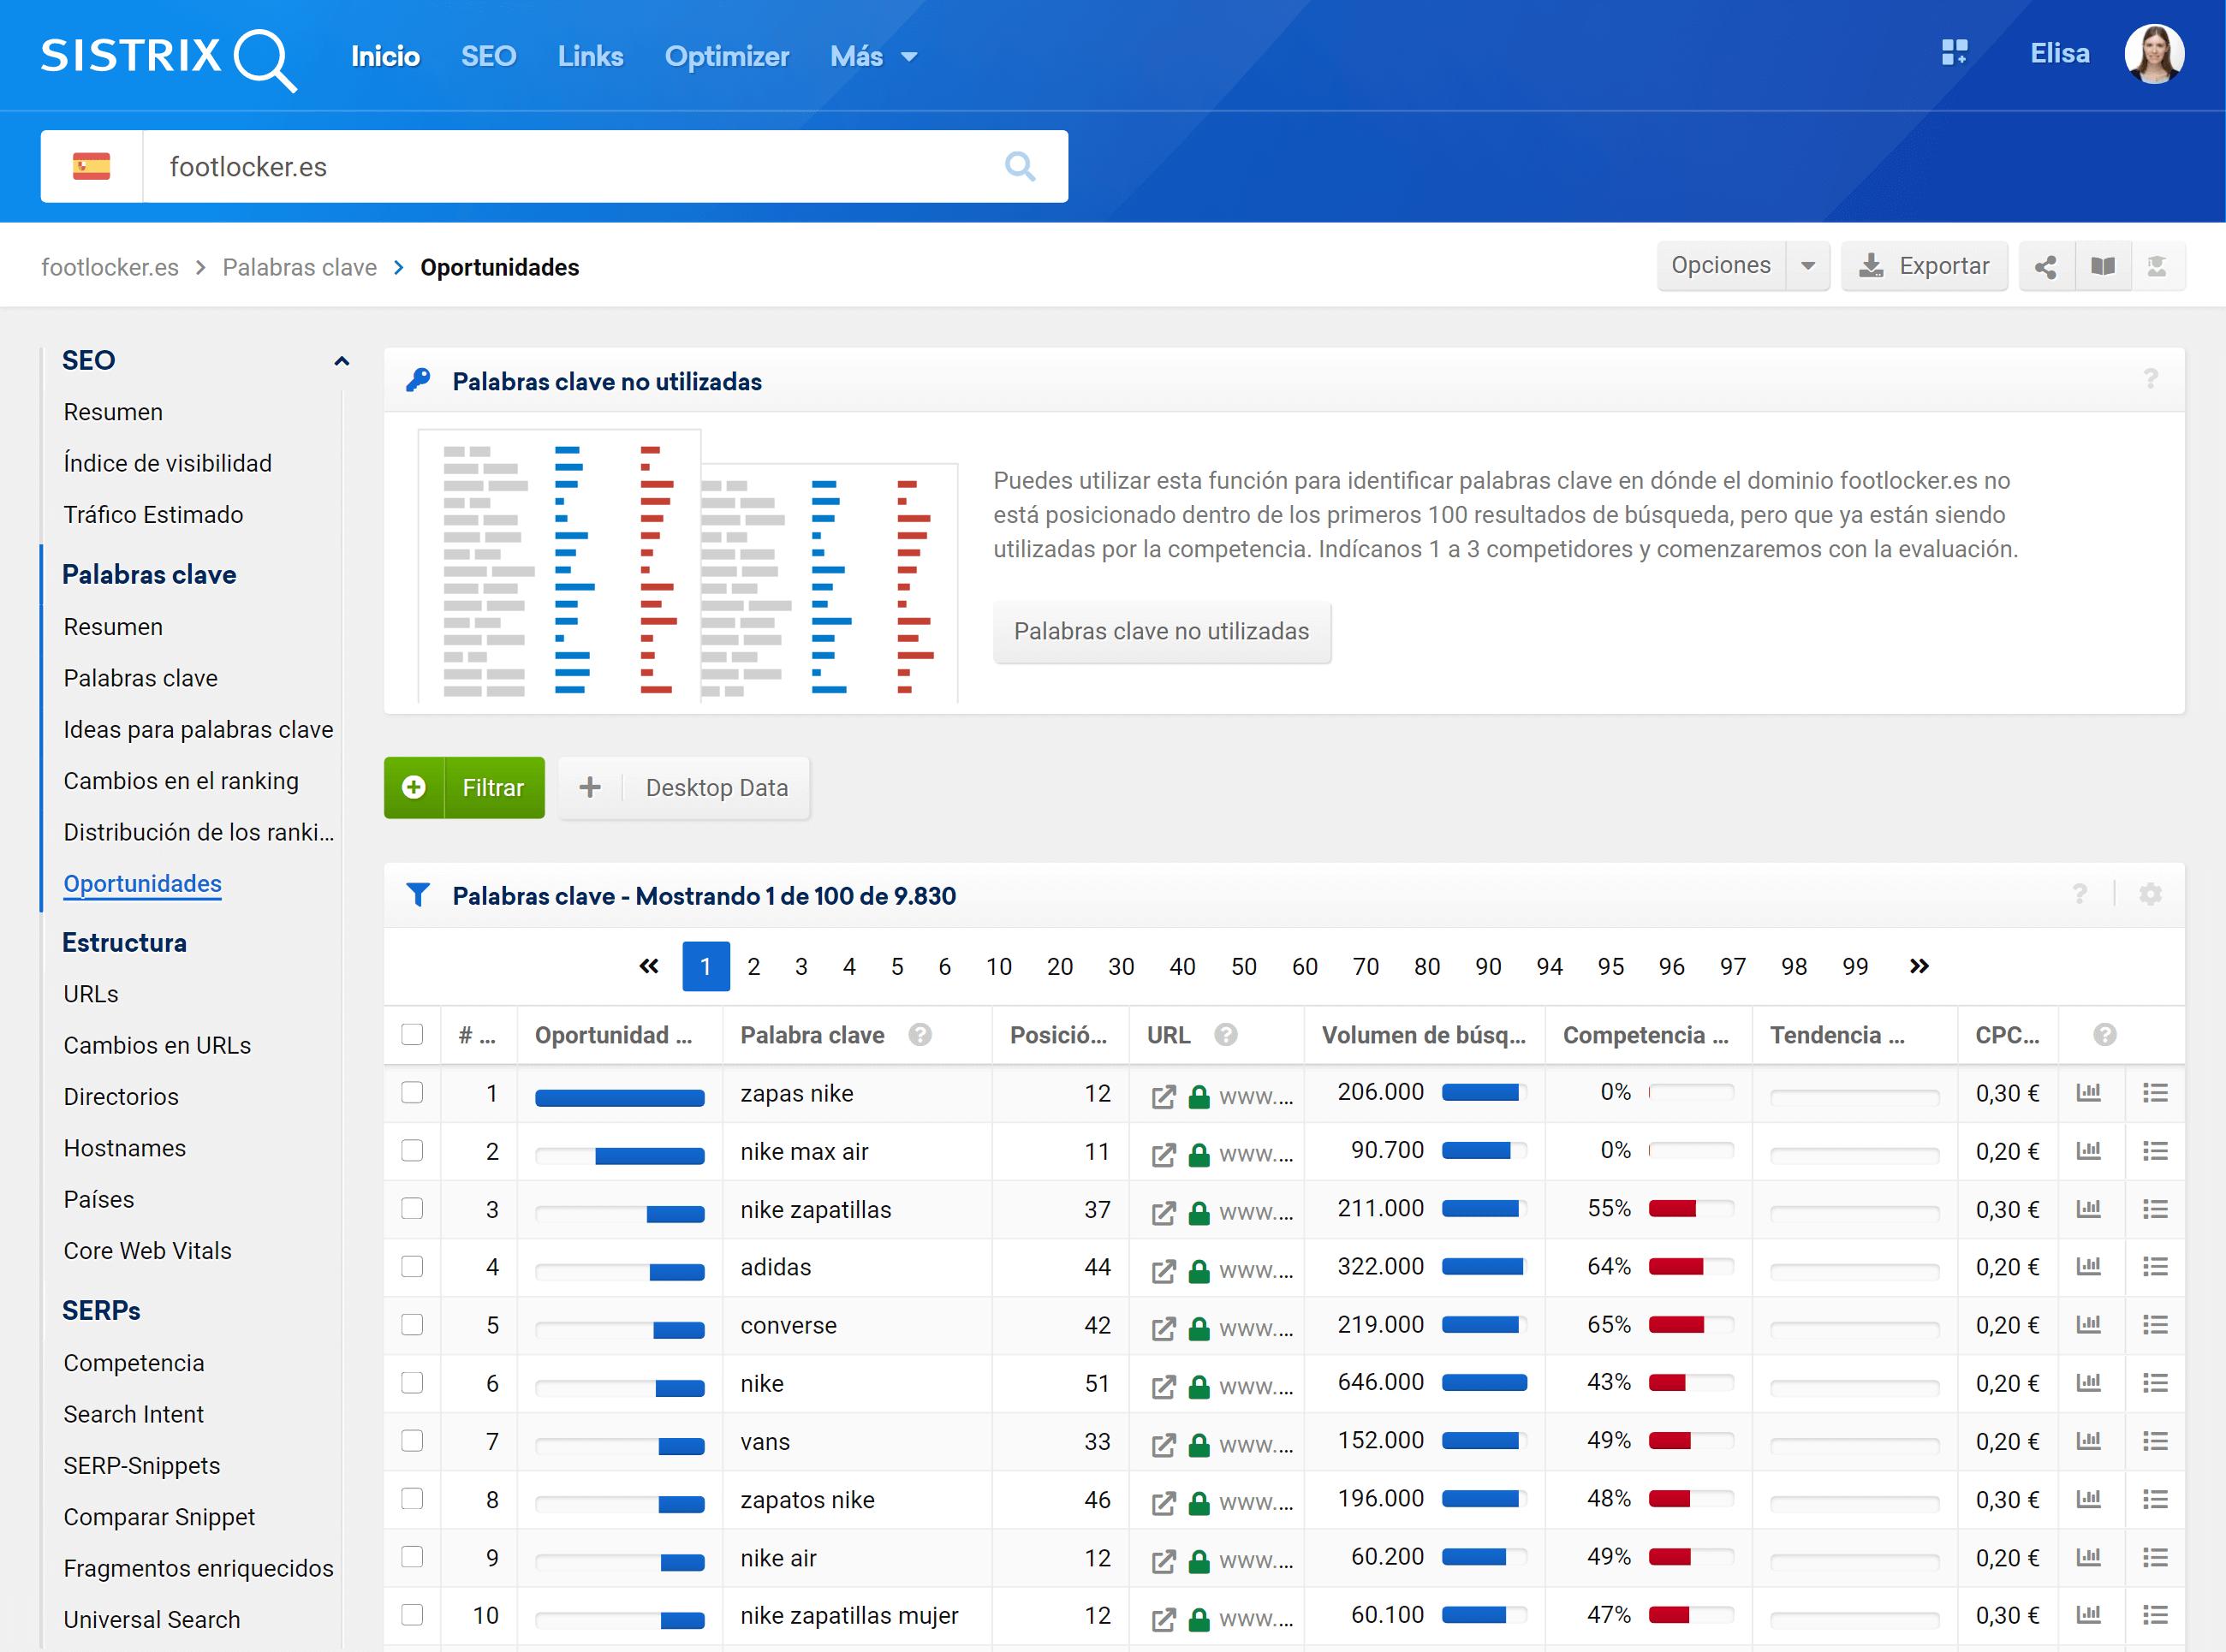 Oportunidades de palabras clave en el módulo SEO de SISTRIX